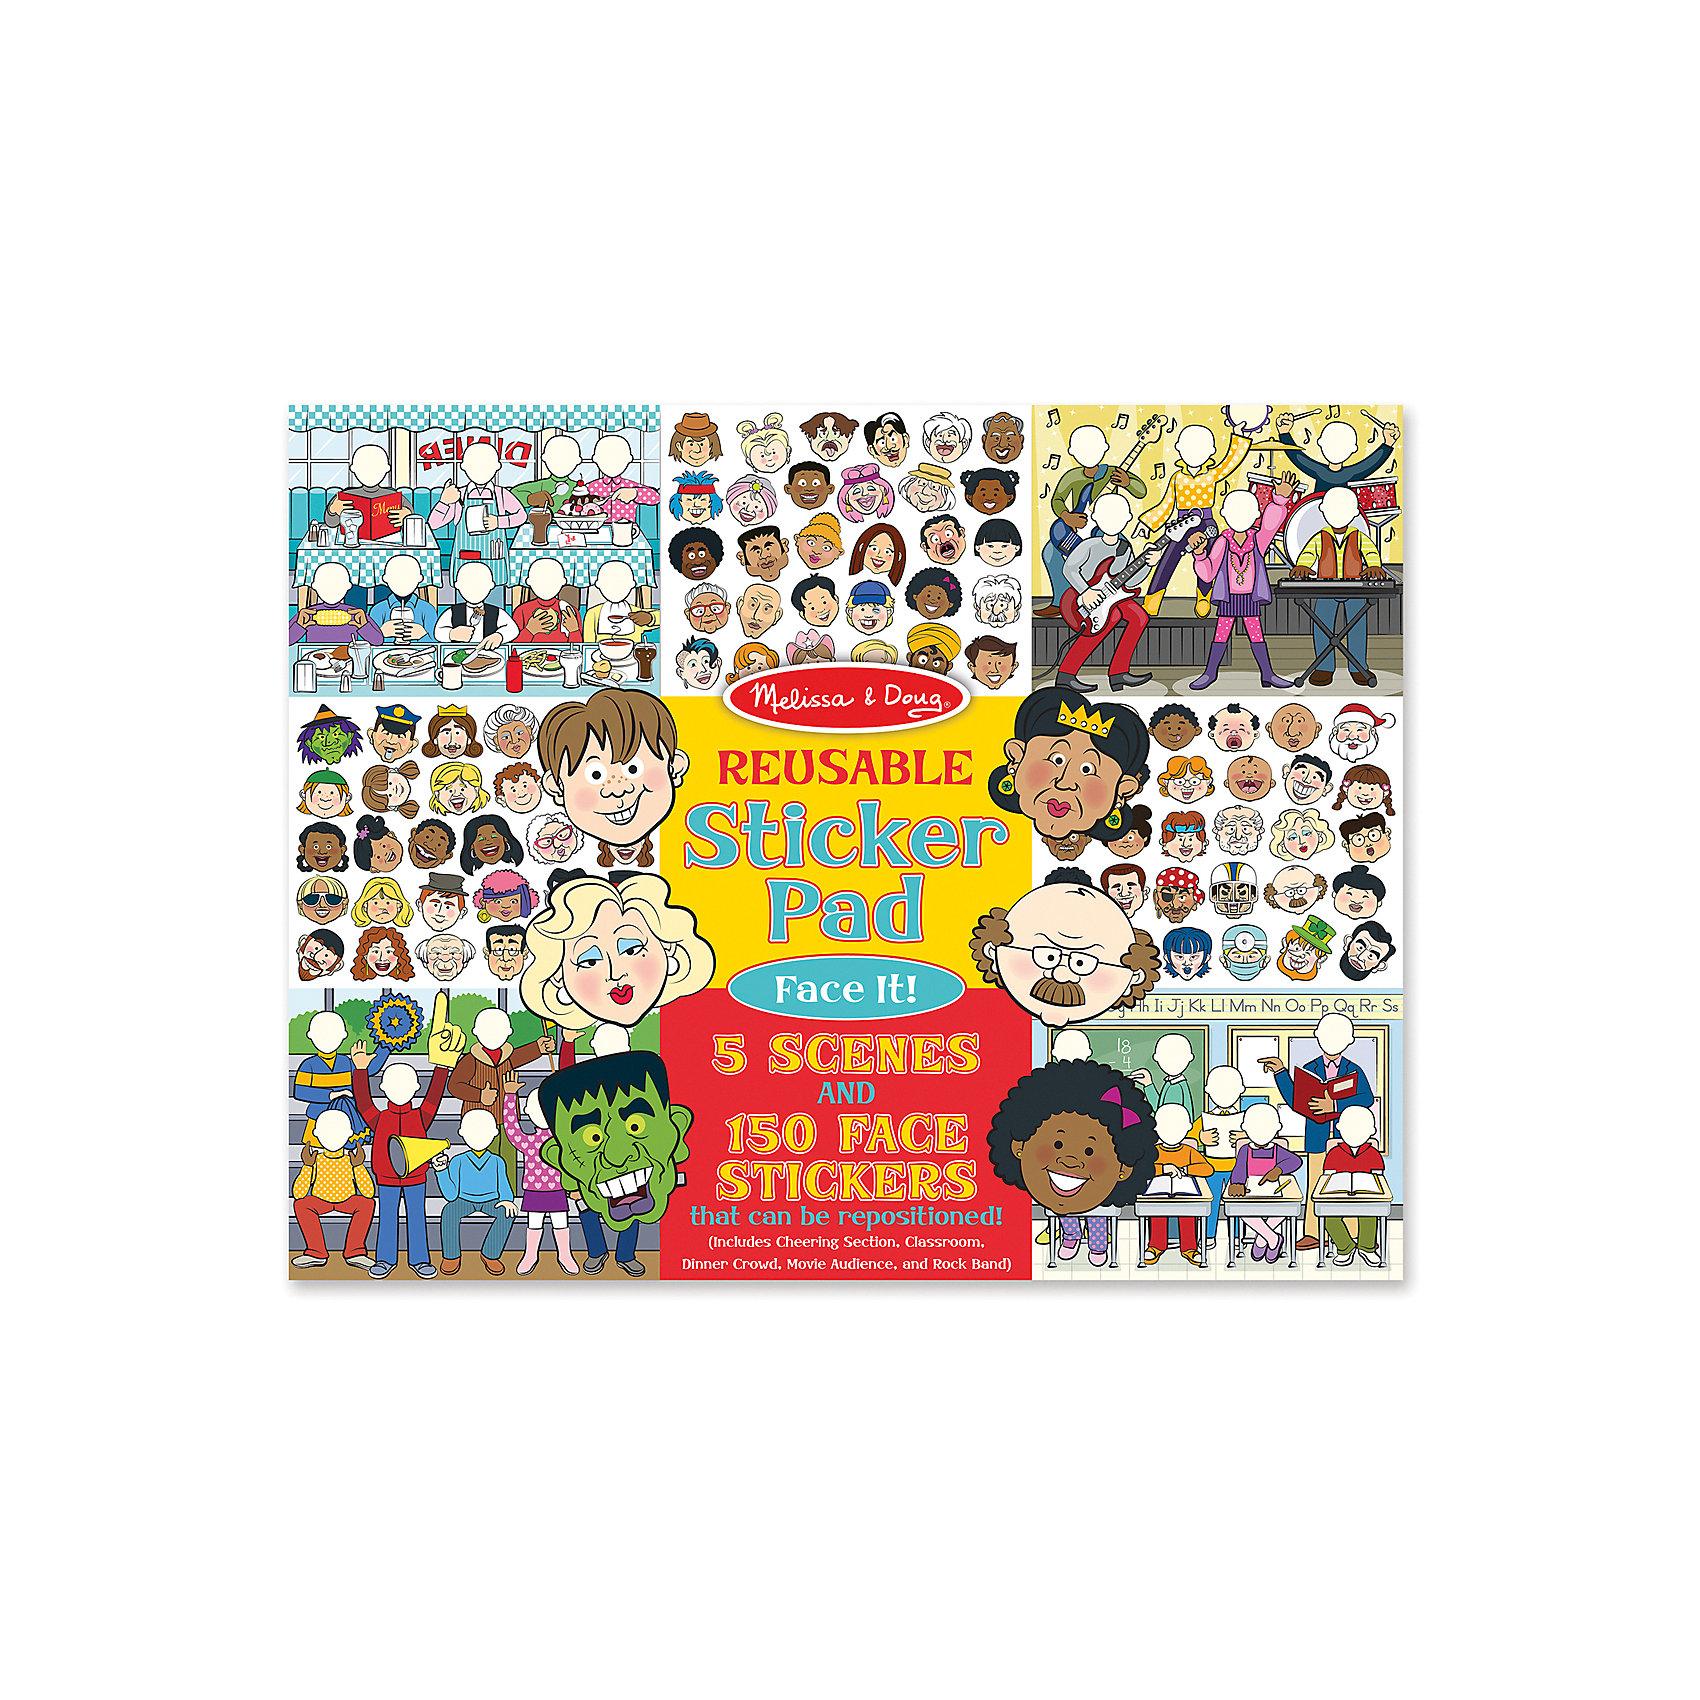 Набор стикеров ЛицаДумаете, как порадовать ребенка? Такой набор - это отличный вариант подарка ребенку, который одновременно и развлечет малыша, и позволит ему развивать важные навыки. Это способствует развитию у малышей мелкой моторики, цветовосприятия, художественного вкуса, внимания и воображения. <br>Набор состоит из листов с заготовками, из которых можно создать портрет с помощью наклеек. Это очень увлекательно! Набор отличается простотой использования и отличным качеством исполнения. <br><br>Дополнительная информация:<br><br>комплектация: пять листов с 150 наклейками;<br>материал: бумага;<br>размер упаковки: 360 х 280 х 10 мм.<br><br>Набор стикеров Лица от бренда Melissa&amp;Doug можно купить в нашем магазине.<br><br>Ширина мм: 360<br>Глубина мм: 10<br>Высота мм: 280<br>Вес г: 386<br>Возраст от месяцев: 48<br>Возраст до месяцев: 84<br>Пол: Унисекс<br>Возраст: Детский<br>SKU: 4993701